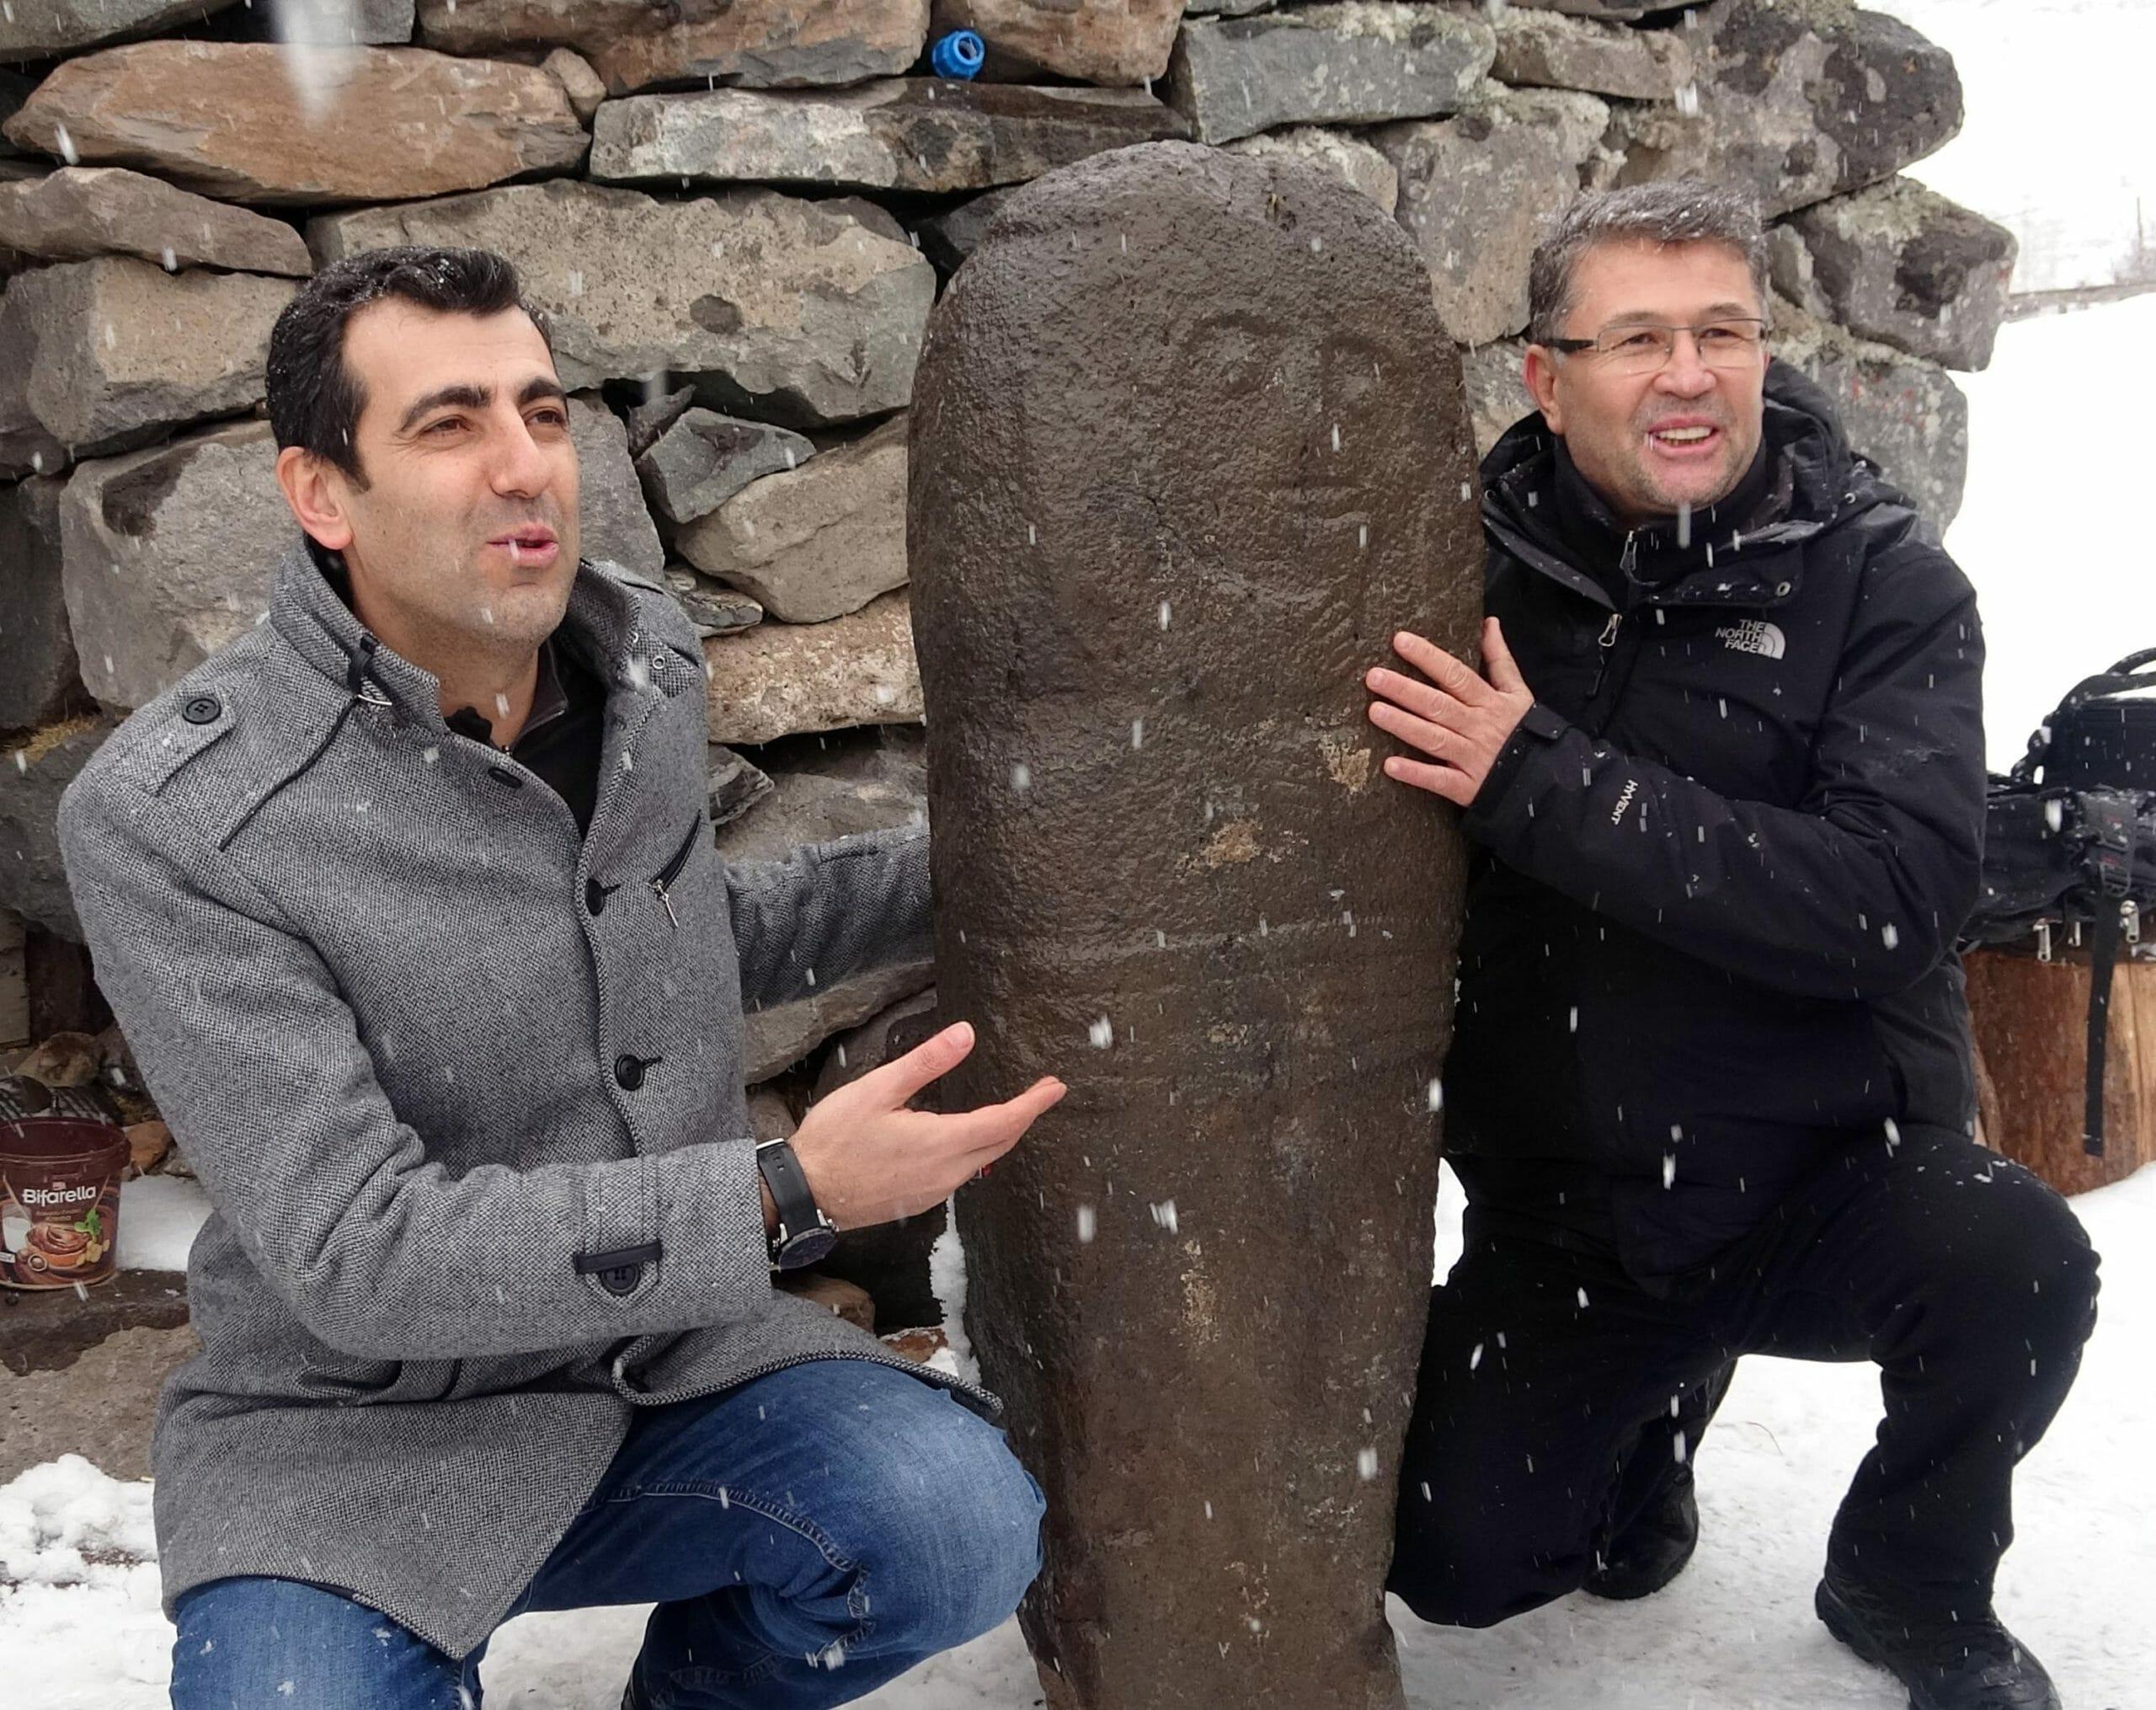 e154dc9abe0e4141984f37ed750da898 scaled - رجل تركي يعثر على تمثال يعود عمره ل 2500 عام بالصدفة